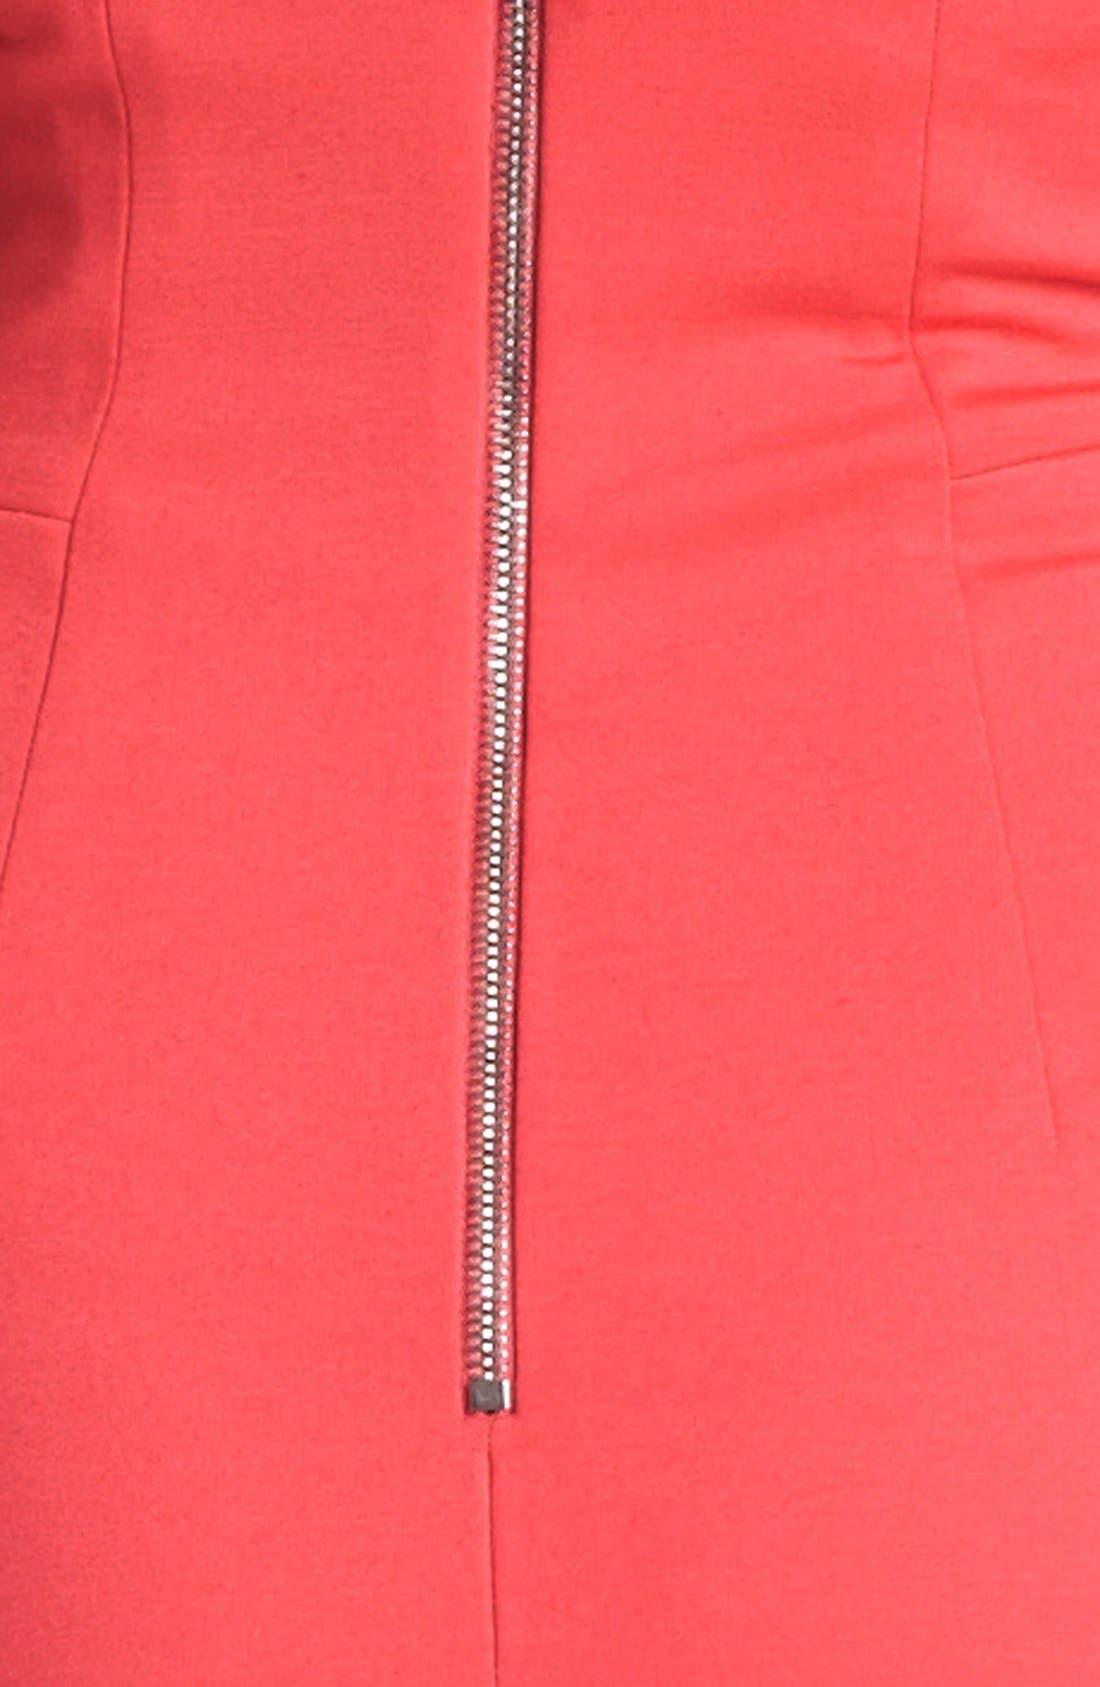 Alternate Image 3  - ERIN erin fetherston Ponte Knit Halter Dress